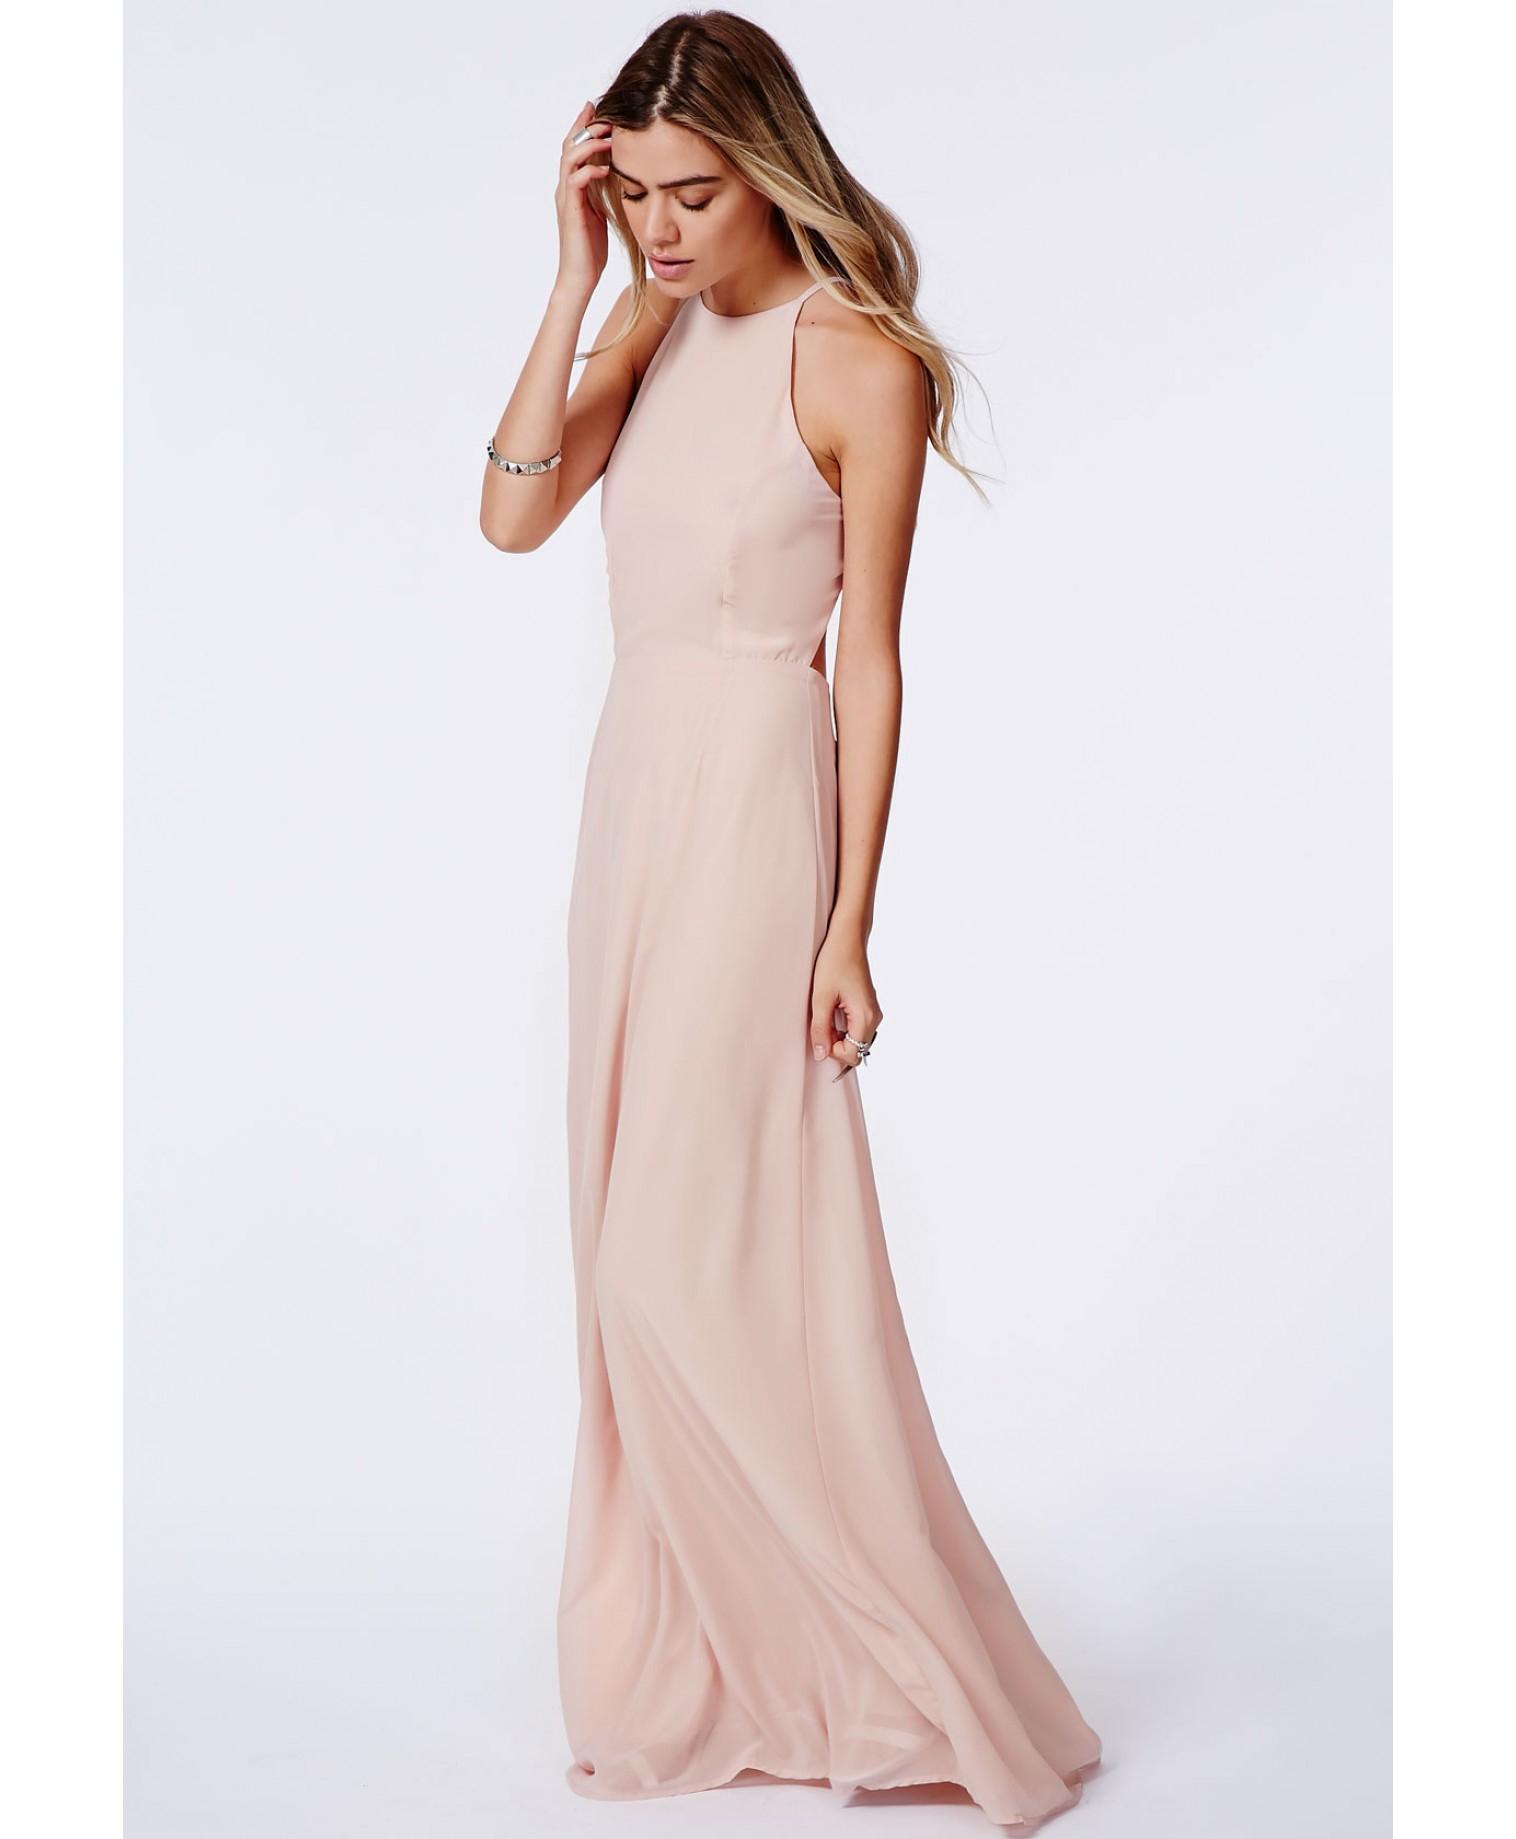 Long Lace V-Neck Ivory Cheap Prom Dress - PromGirl